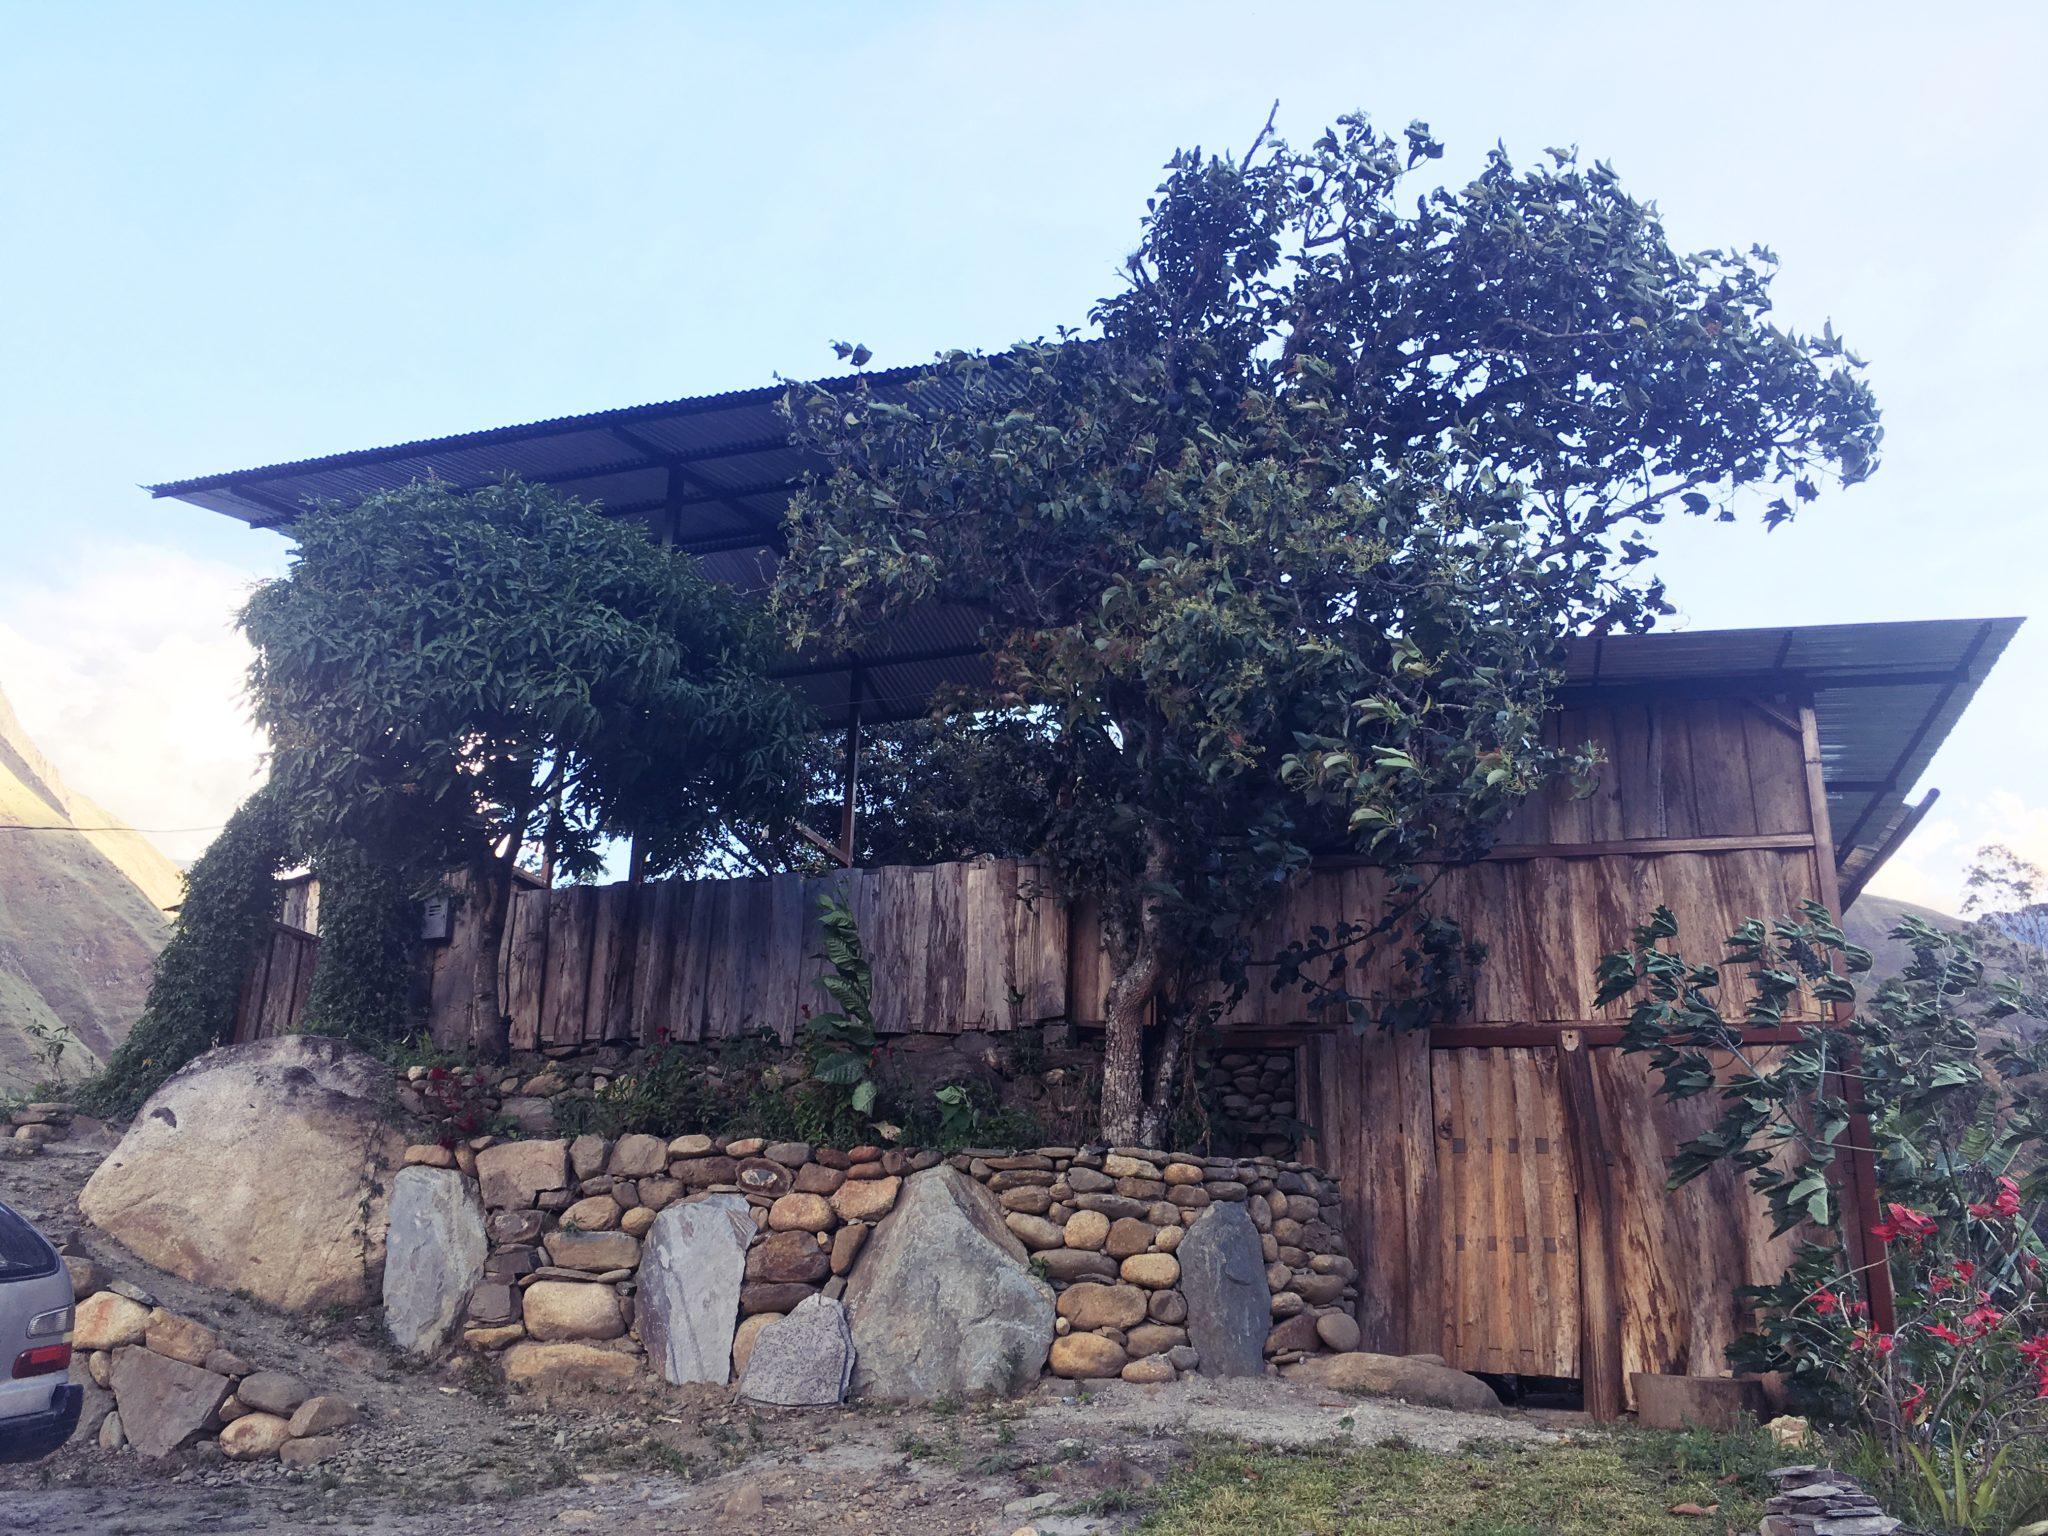 ペルー, クスコ, Santa Teresa, サンタ・テレーサ, 宿舎, ロッジ